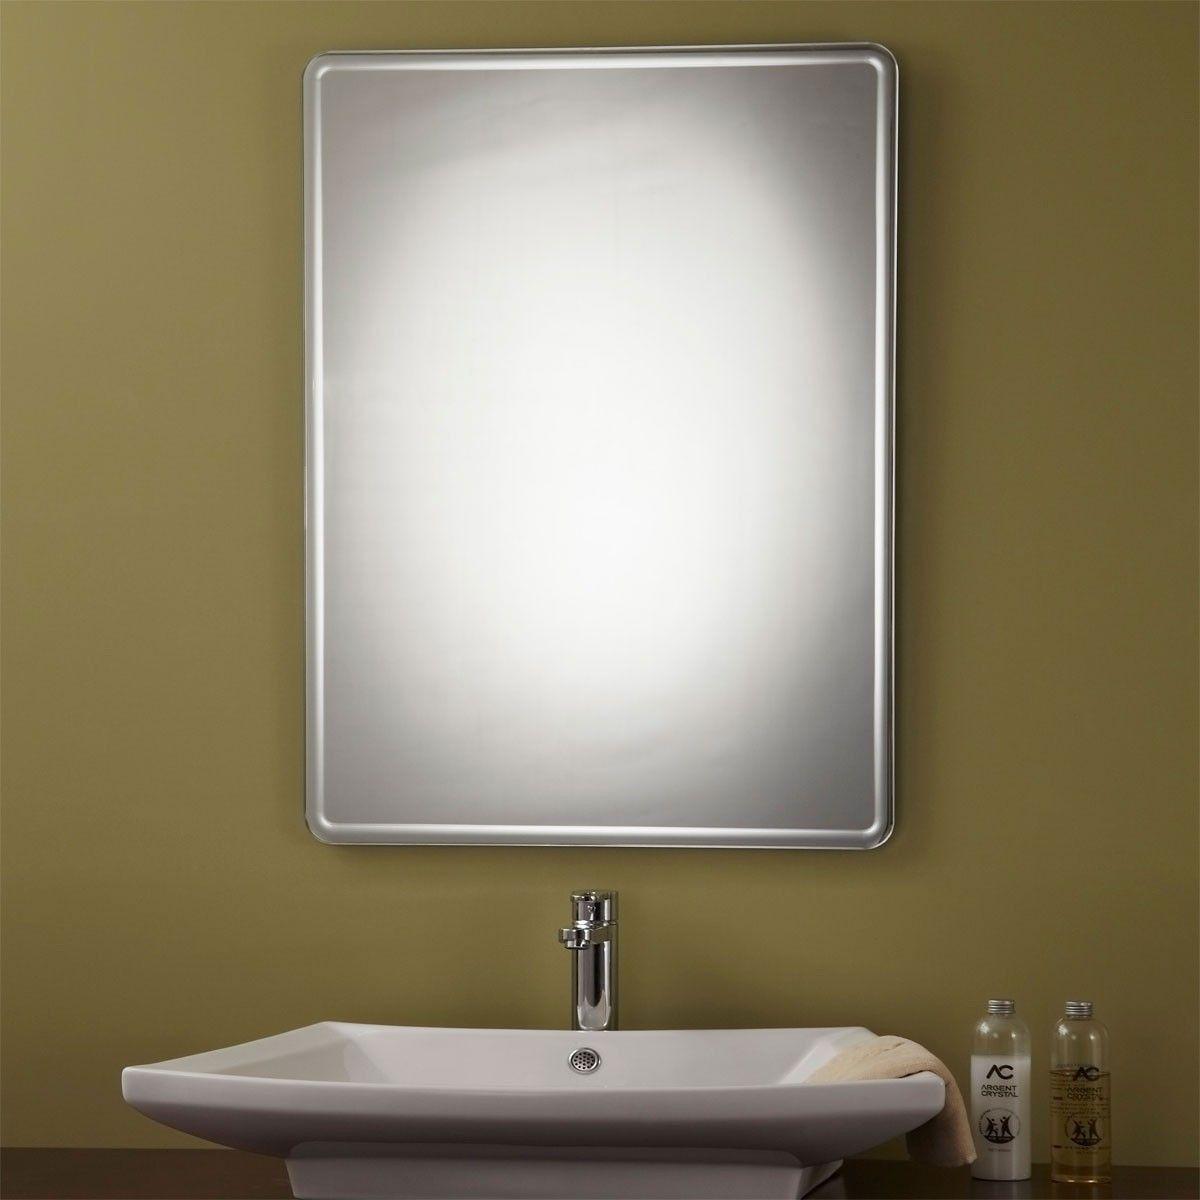 24 x 32 po miroir argent sans cadre de salle de bains for Miroir sans cadre